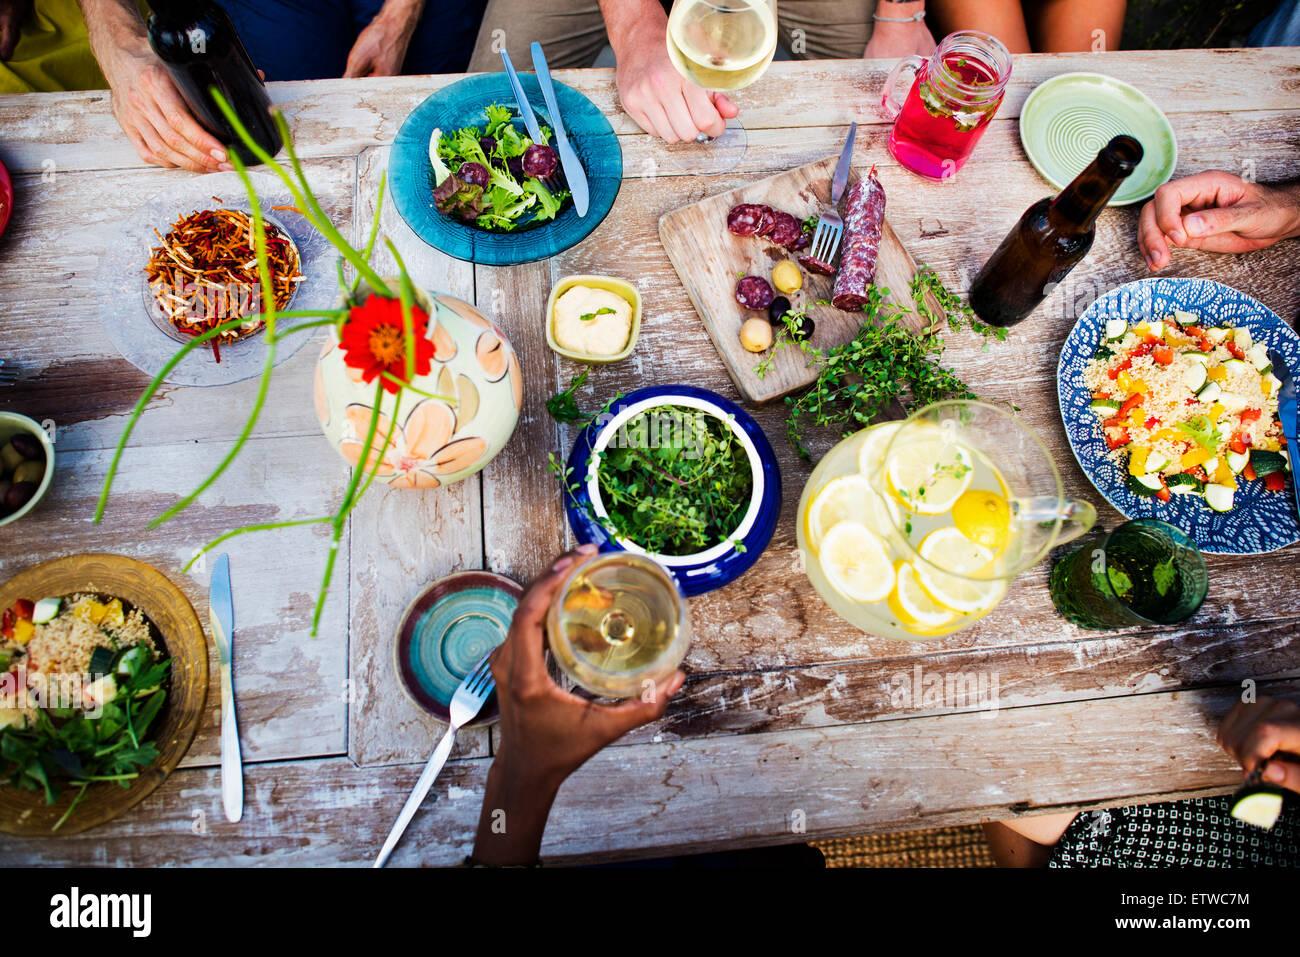 Nourriture boissons repas partie verre Concept Banque D'Images